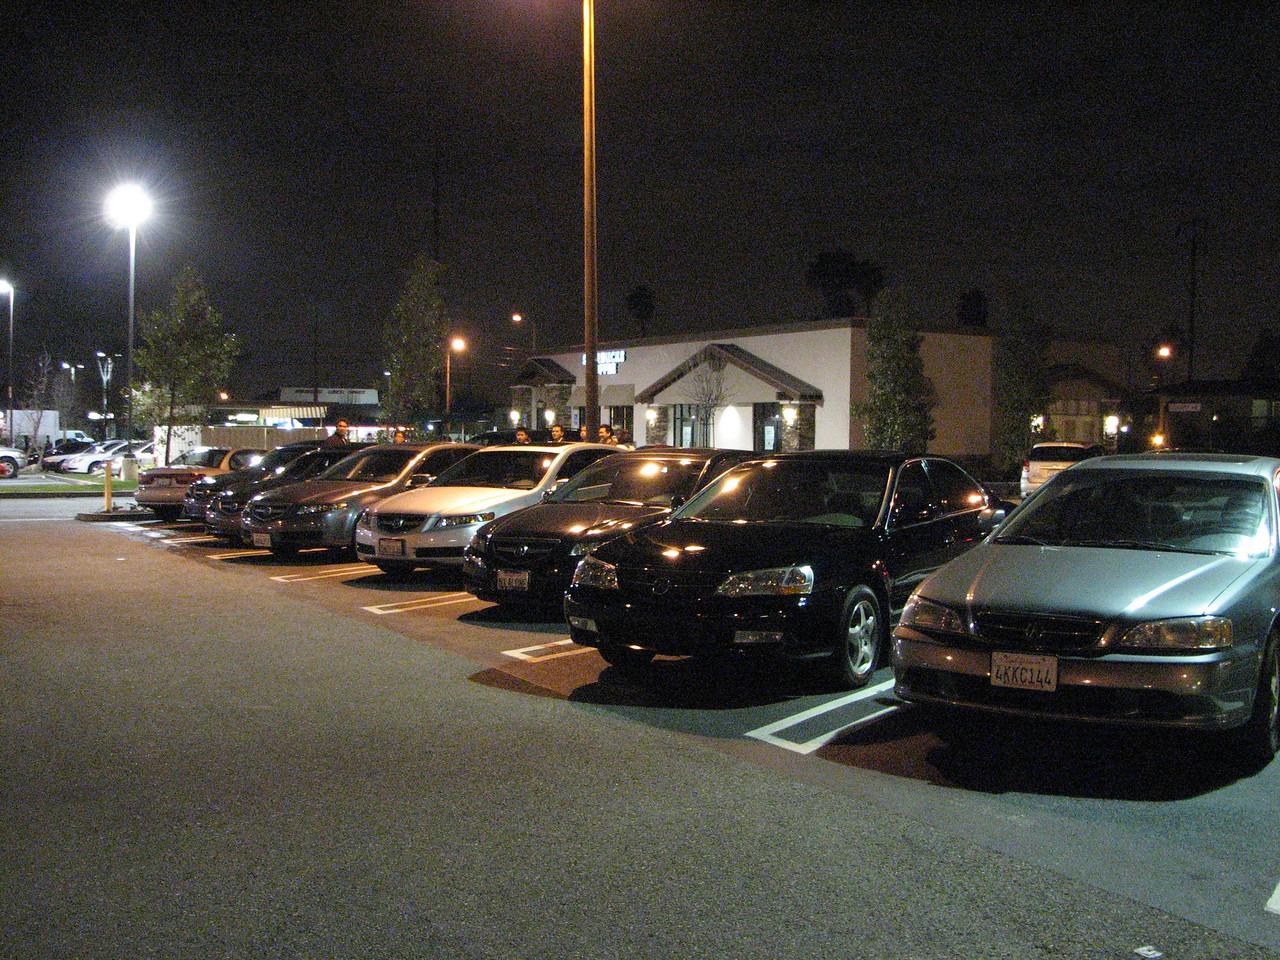 2008 02 01 Fri - Acurazine Buena Park meet - Seven TL's 1